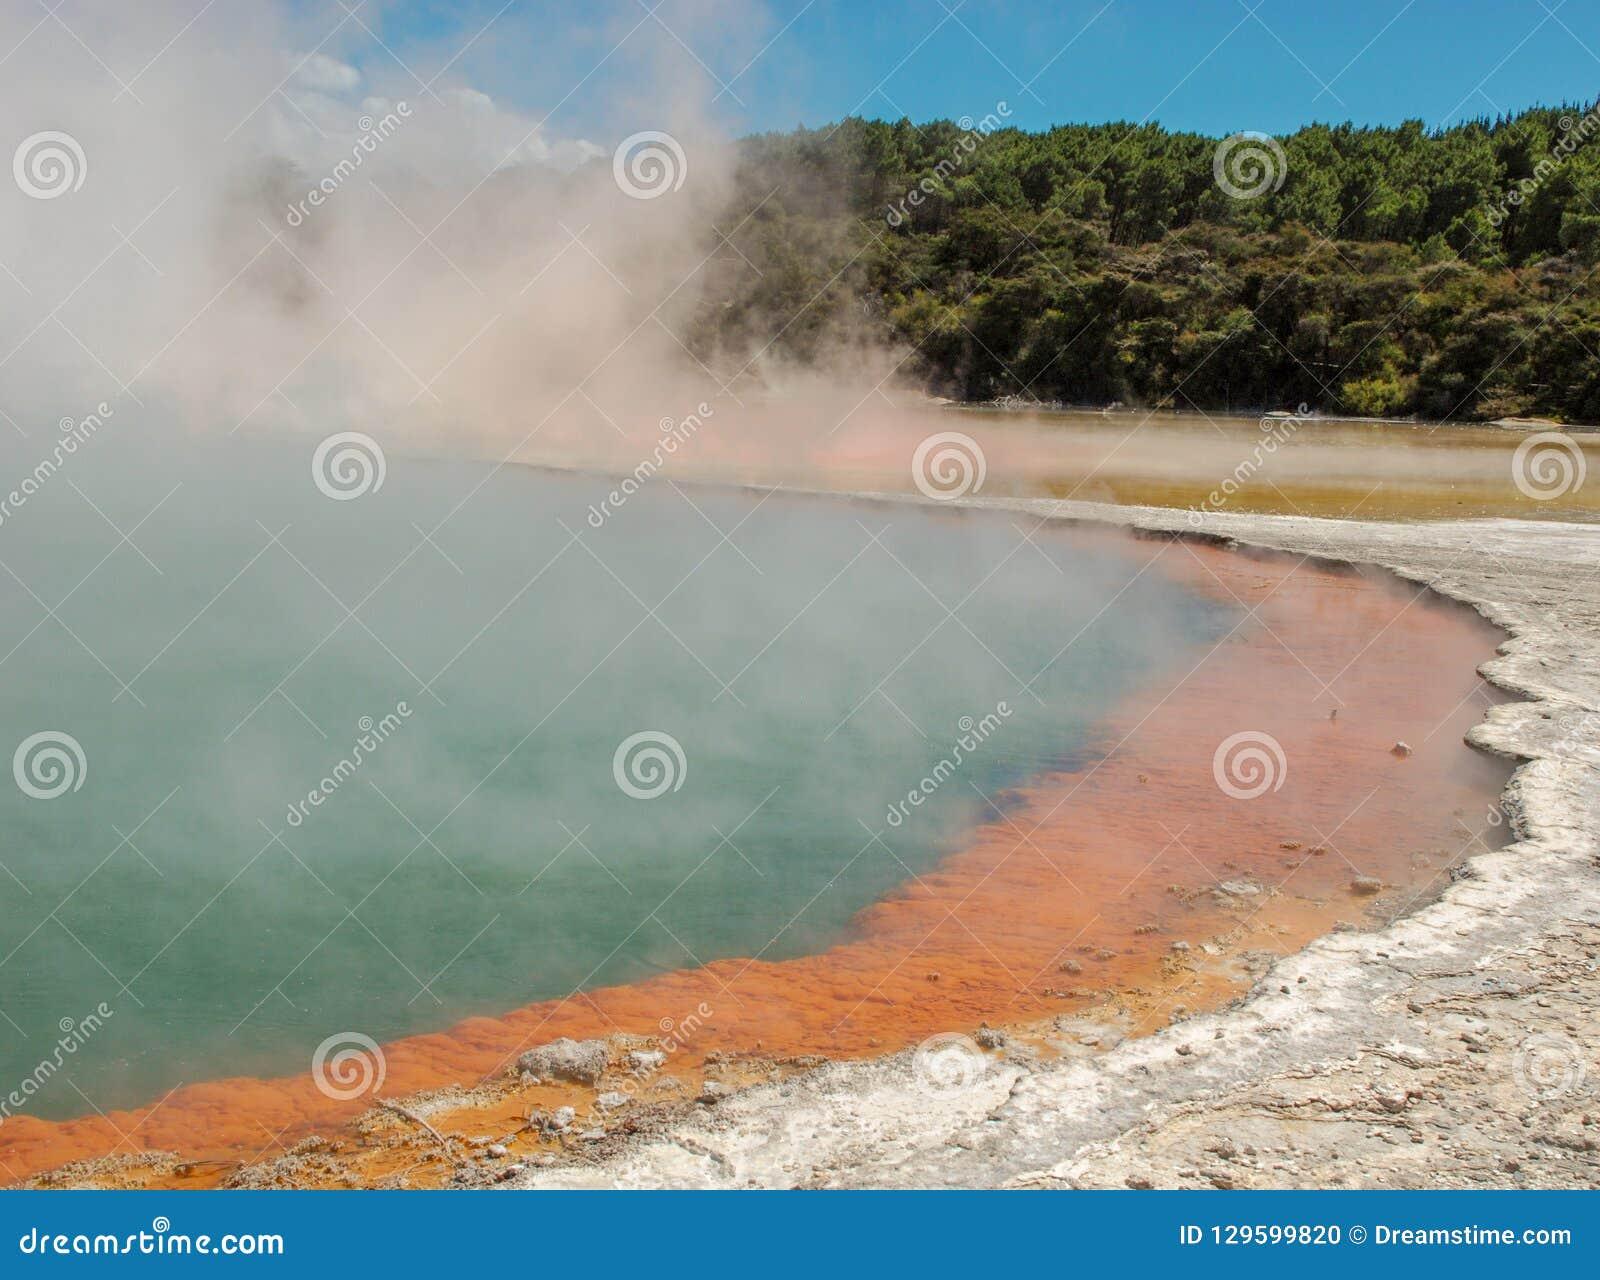 Cozinhando Rotorua Hot Springs, Nova Zelândia Hot Springs amarelo e azul com o vapor que aumenta, árvores no fundo